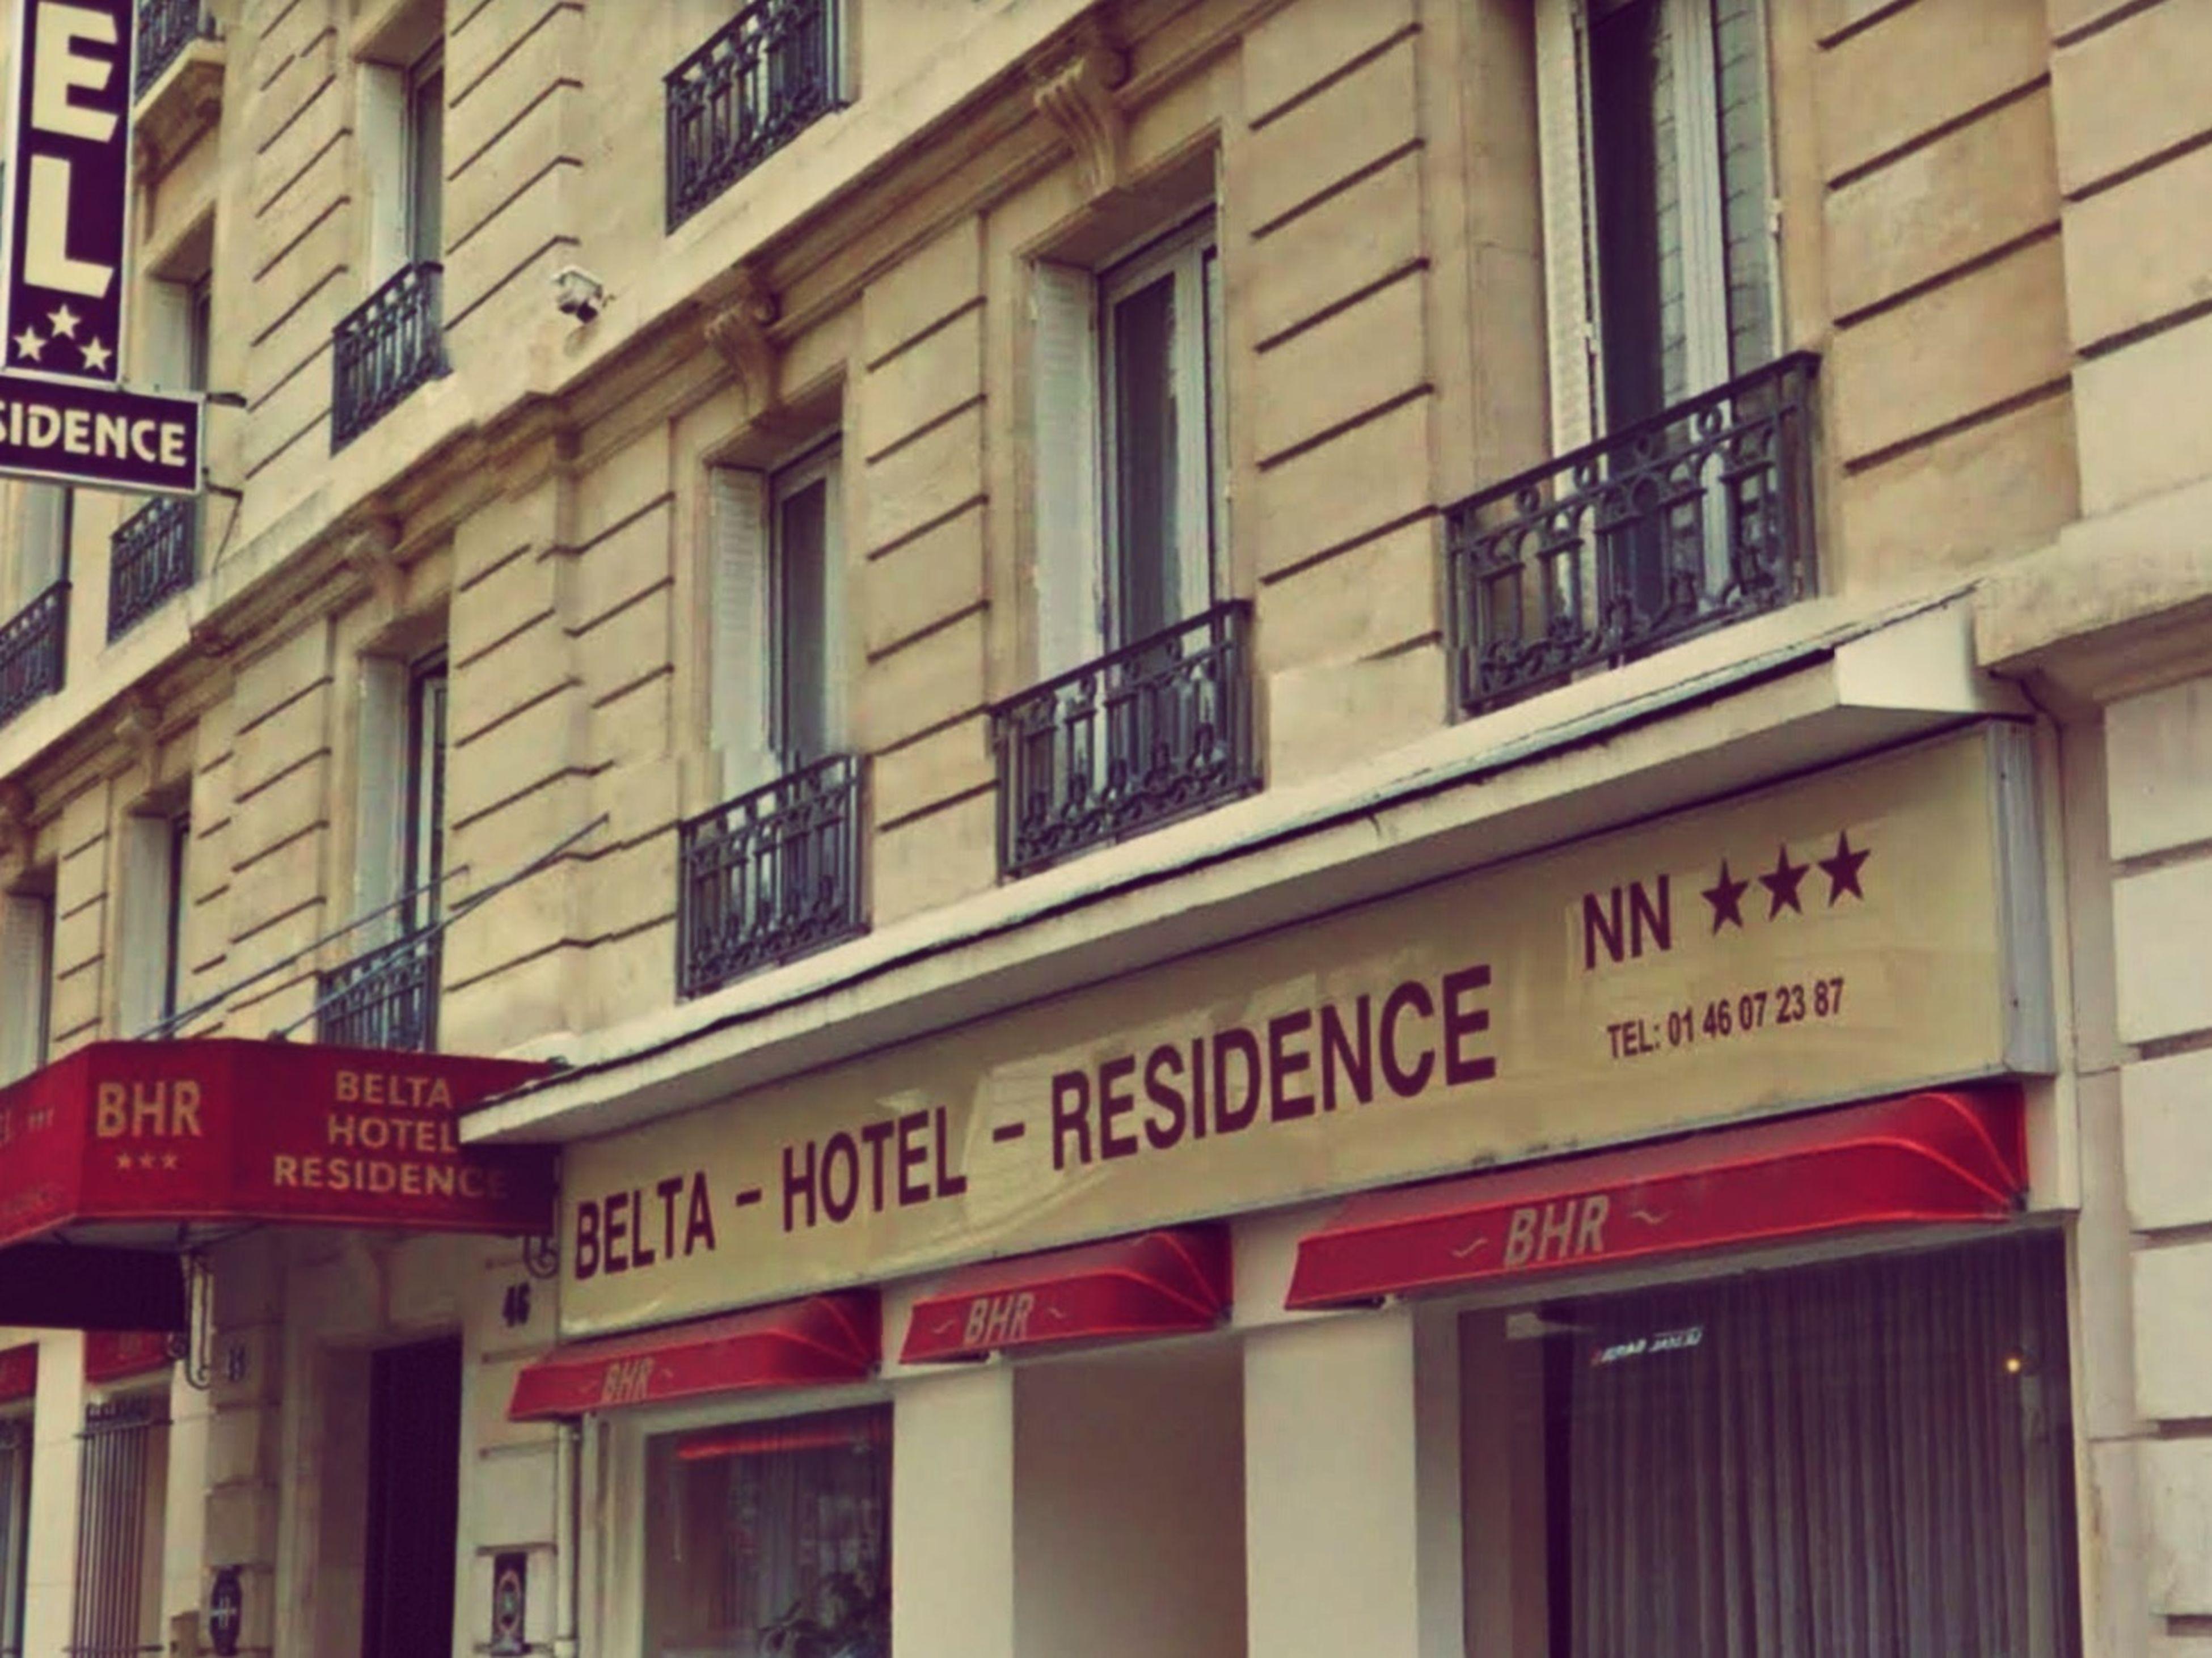 Hotel Belta Paris France excelente servicio ;)